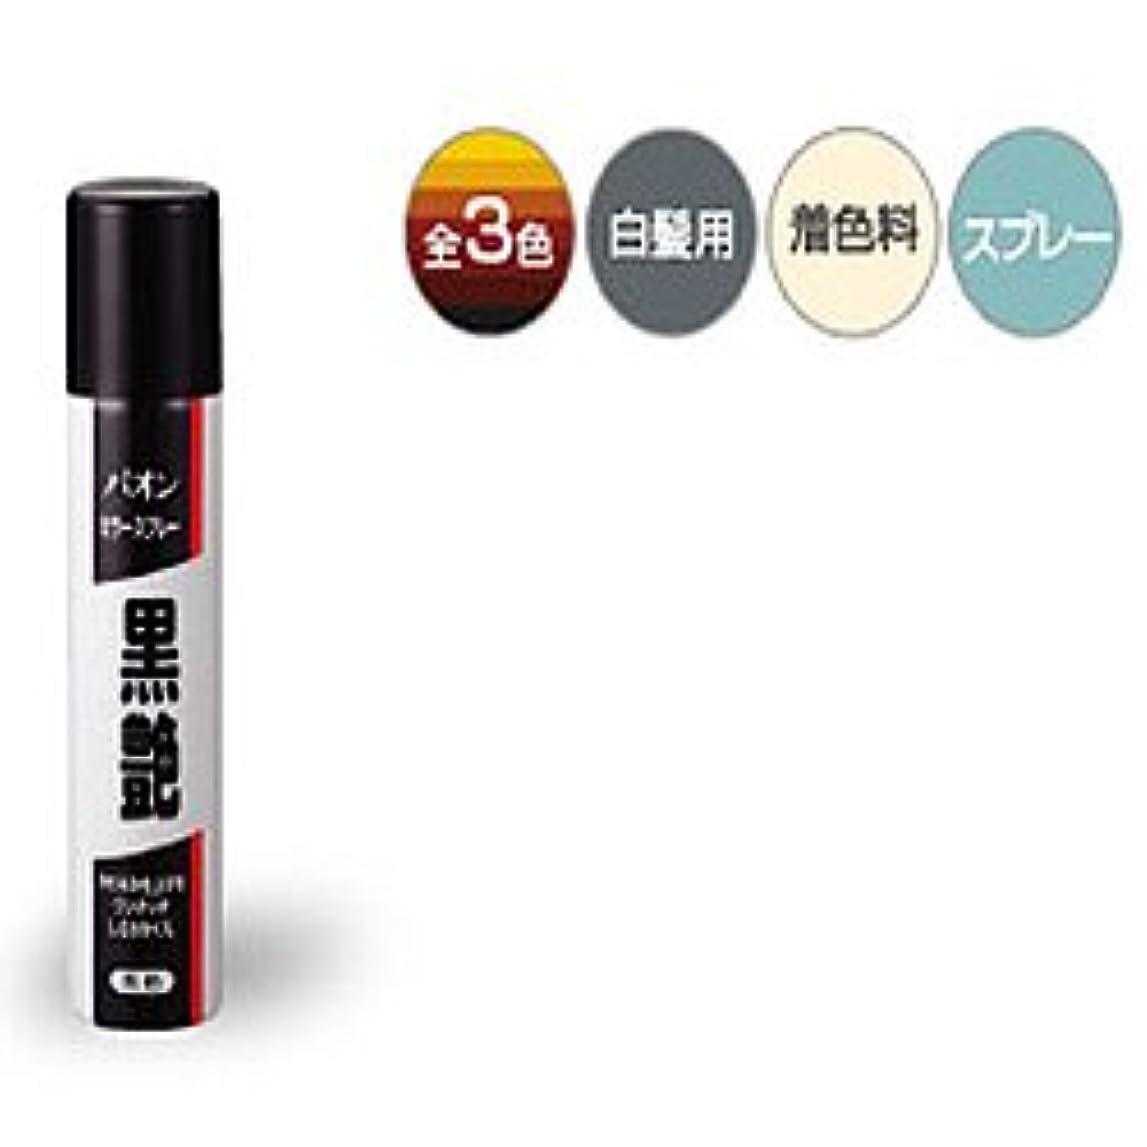 【シュワルツコフ ヘンケル】パオンカラースプレー黒艶 黒色 85g